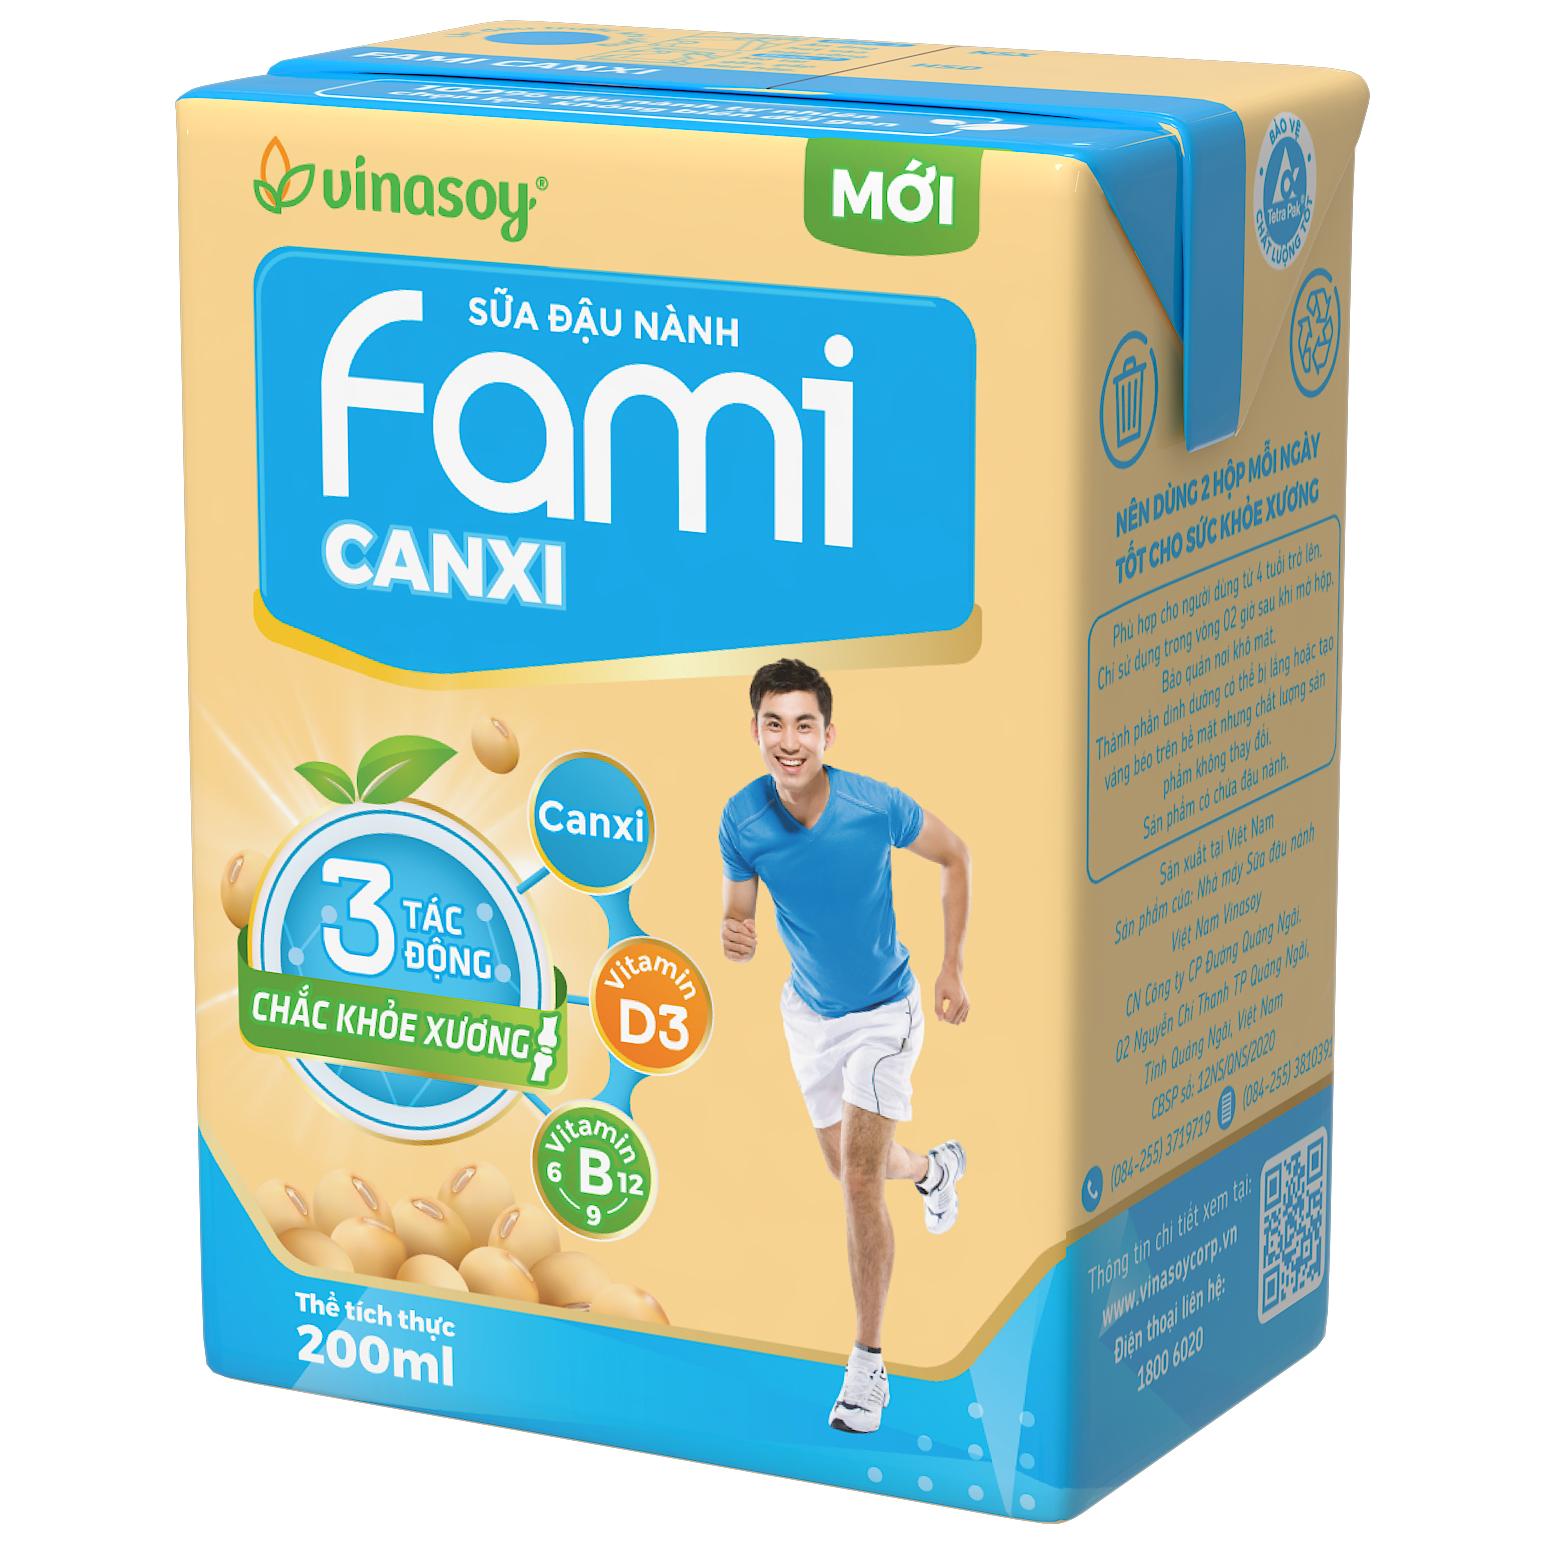 Hình ảnh Thùng 36 Hộp Sữa đậu nành Fami Canxi (200ml/Hộp)